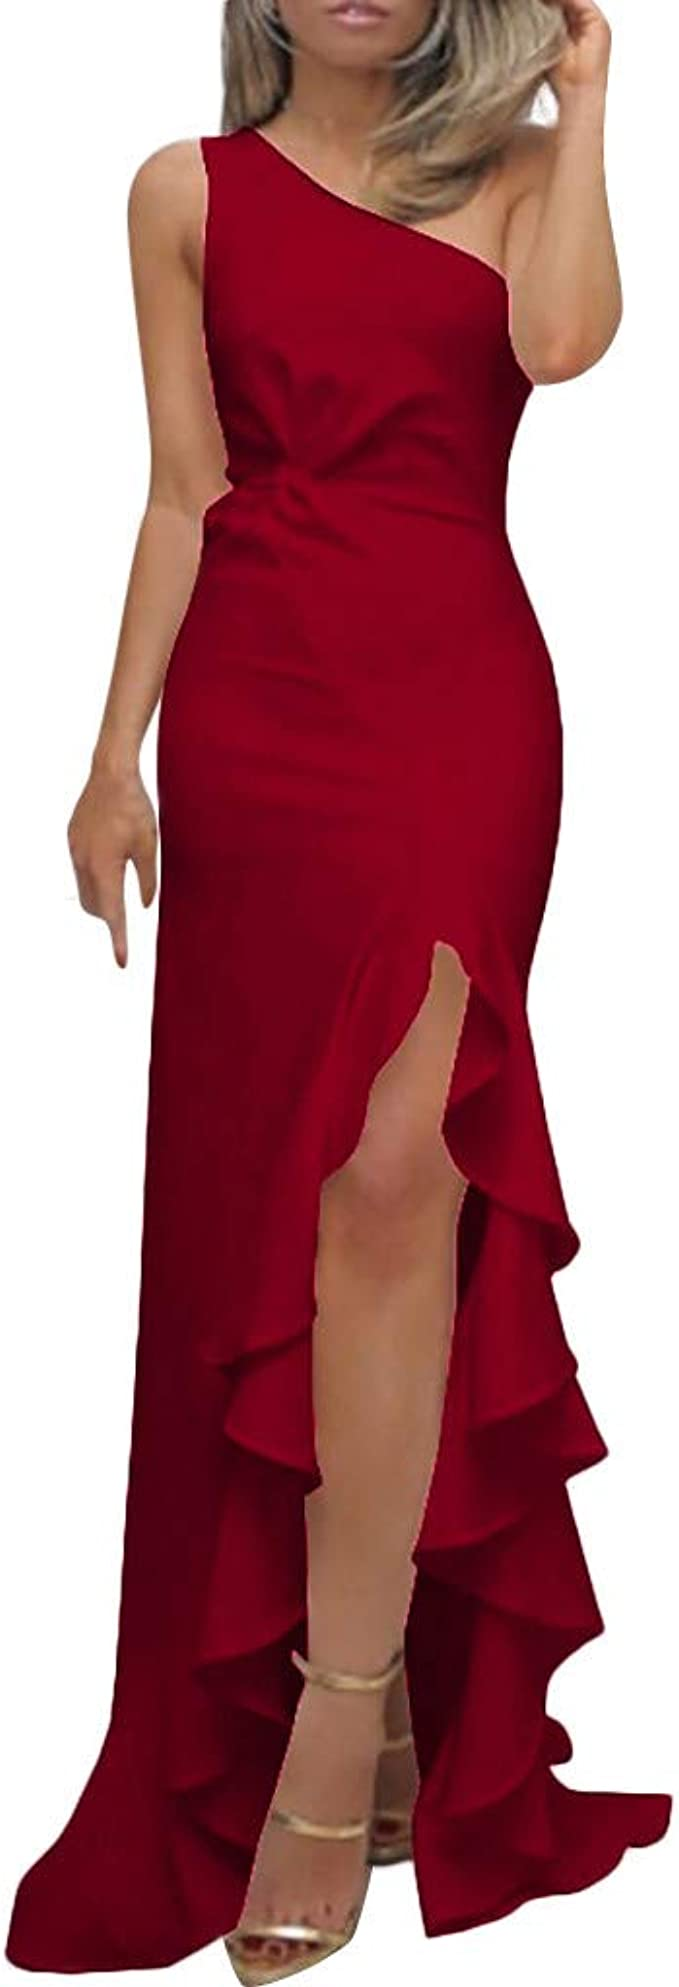 Kleider Damen Elegant Kanpola Frauen One Shoulder Ruschen Formale Abend Slim Maxi Kleid Abendkleider Cocktailkleid Partykleid Amazon De Bekleidung